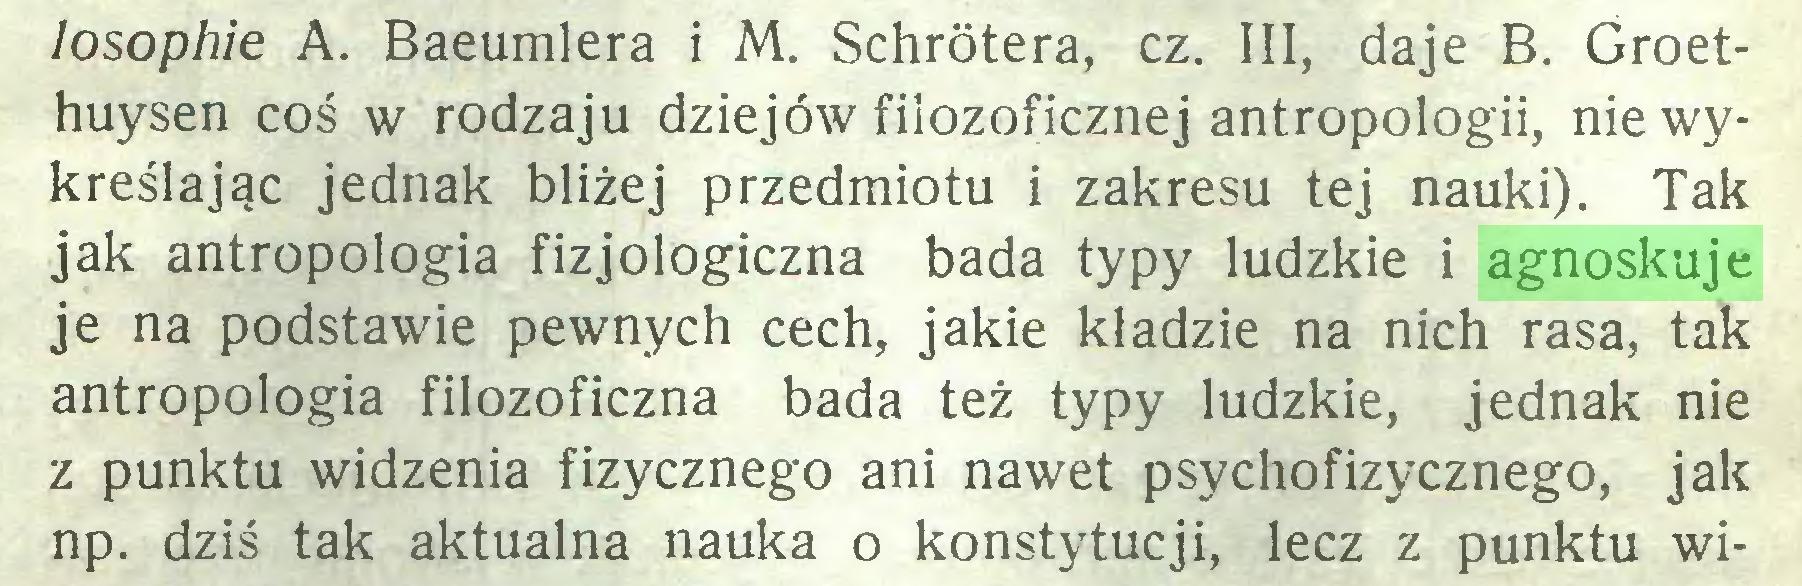 (...) losophie A. Baeumlera i M. Schrótera, cz. III, daje B. Groethuysen coś w rodzaju dziejów filozoficznej antropologii, nie wykreślając jednak bliżej przedmiotu i zakresu tej nauki). Tak jak antropologia fizjologiczna bada typy ludzkie i agnoskuje je na podstawie pewnych cech, jakie kładzie na nich rasa, tak antropologia filozoficzna bada też typy ludzkie, jednak nie z punktu widzenia fizycznego ani nawet psychofizycznego, jak np. dziś tak aktualna nauka o konstytucji, lecz z punktu wi...